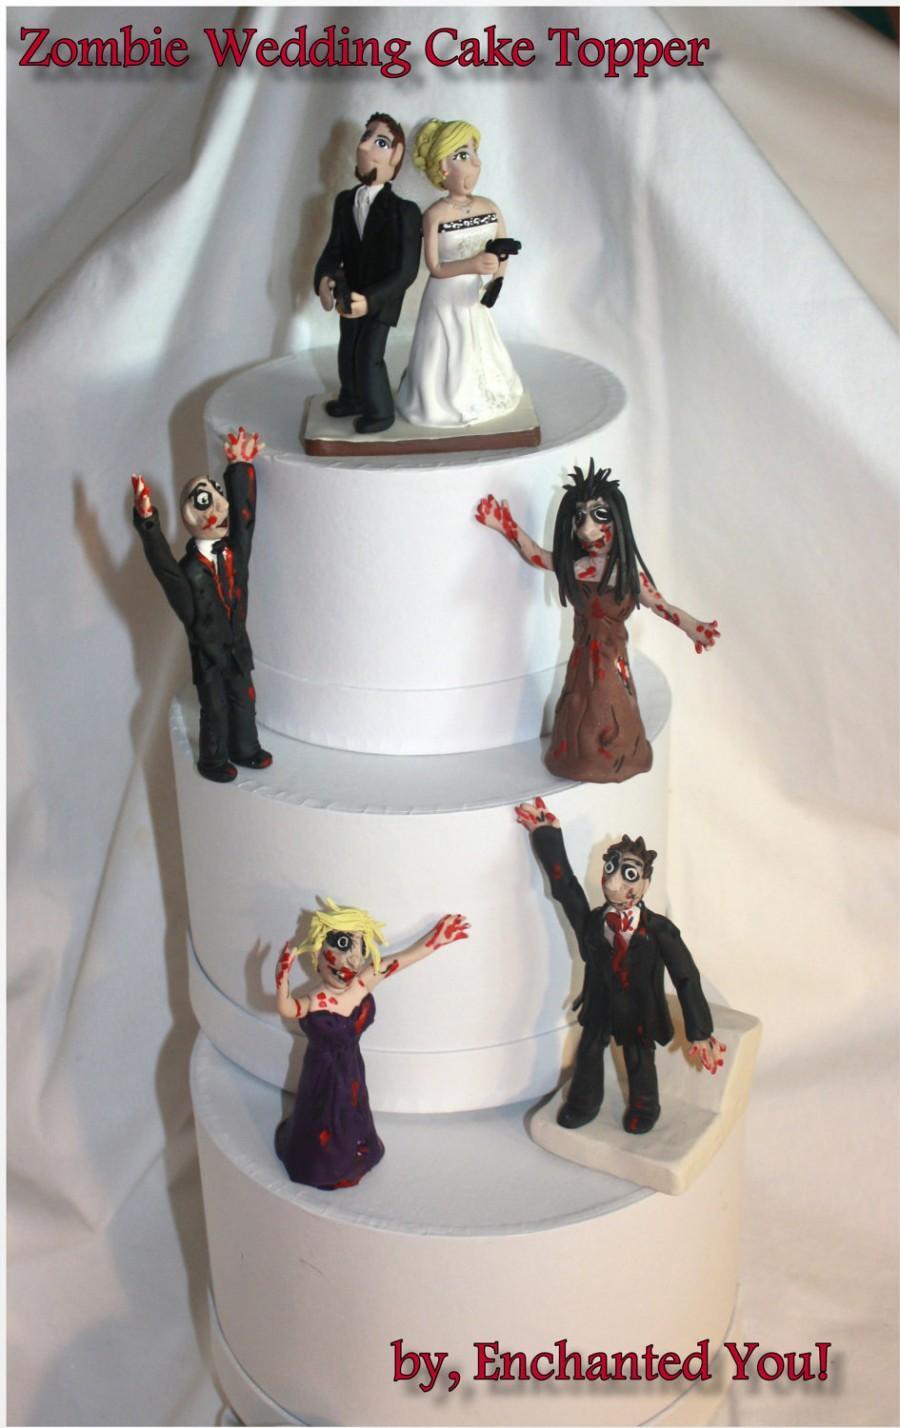 زفاف - Zombie, Attack of the Zombies by, Personalized, Custom, Wedding Cake Topper